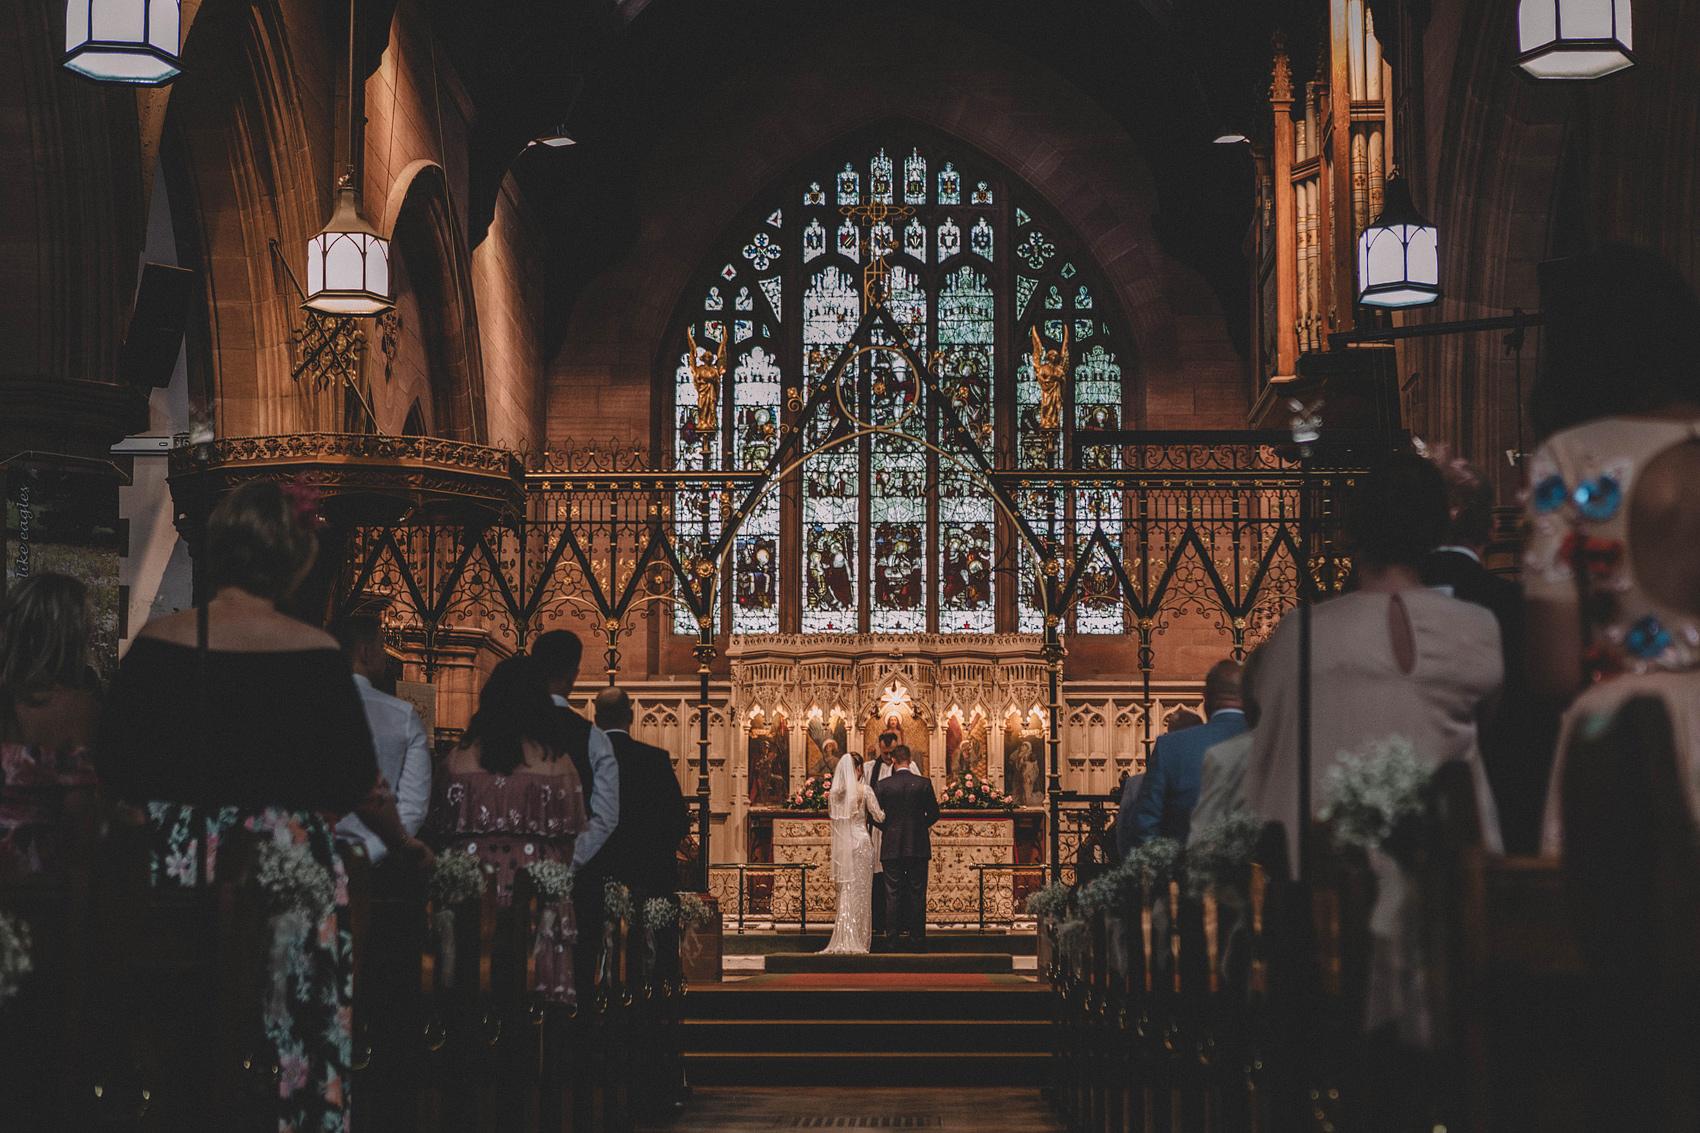 Inglewood_Manor_Wedding_Photography_-_Claire_Basiuk_Cheshire_Photographer_-_22_18.jpg